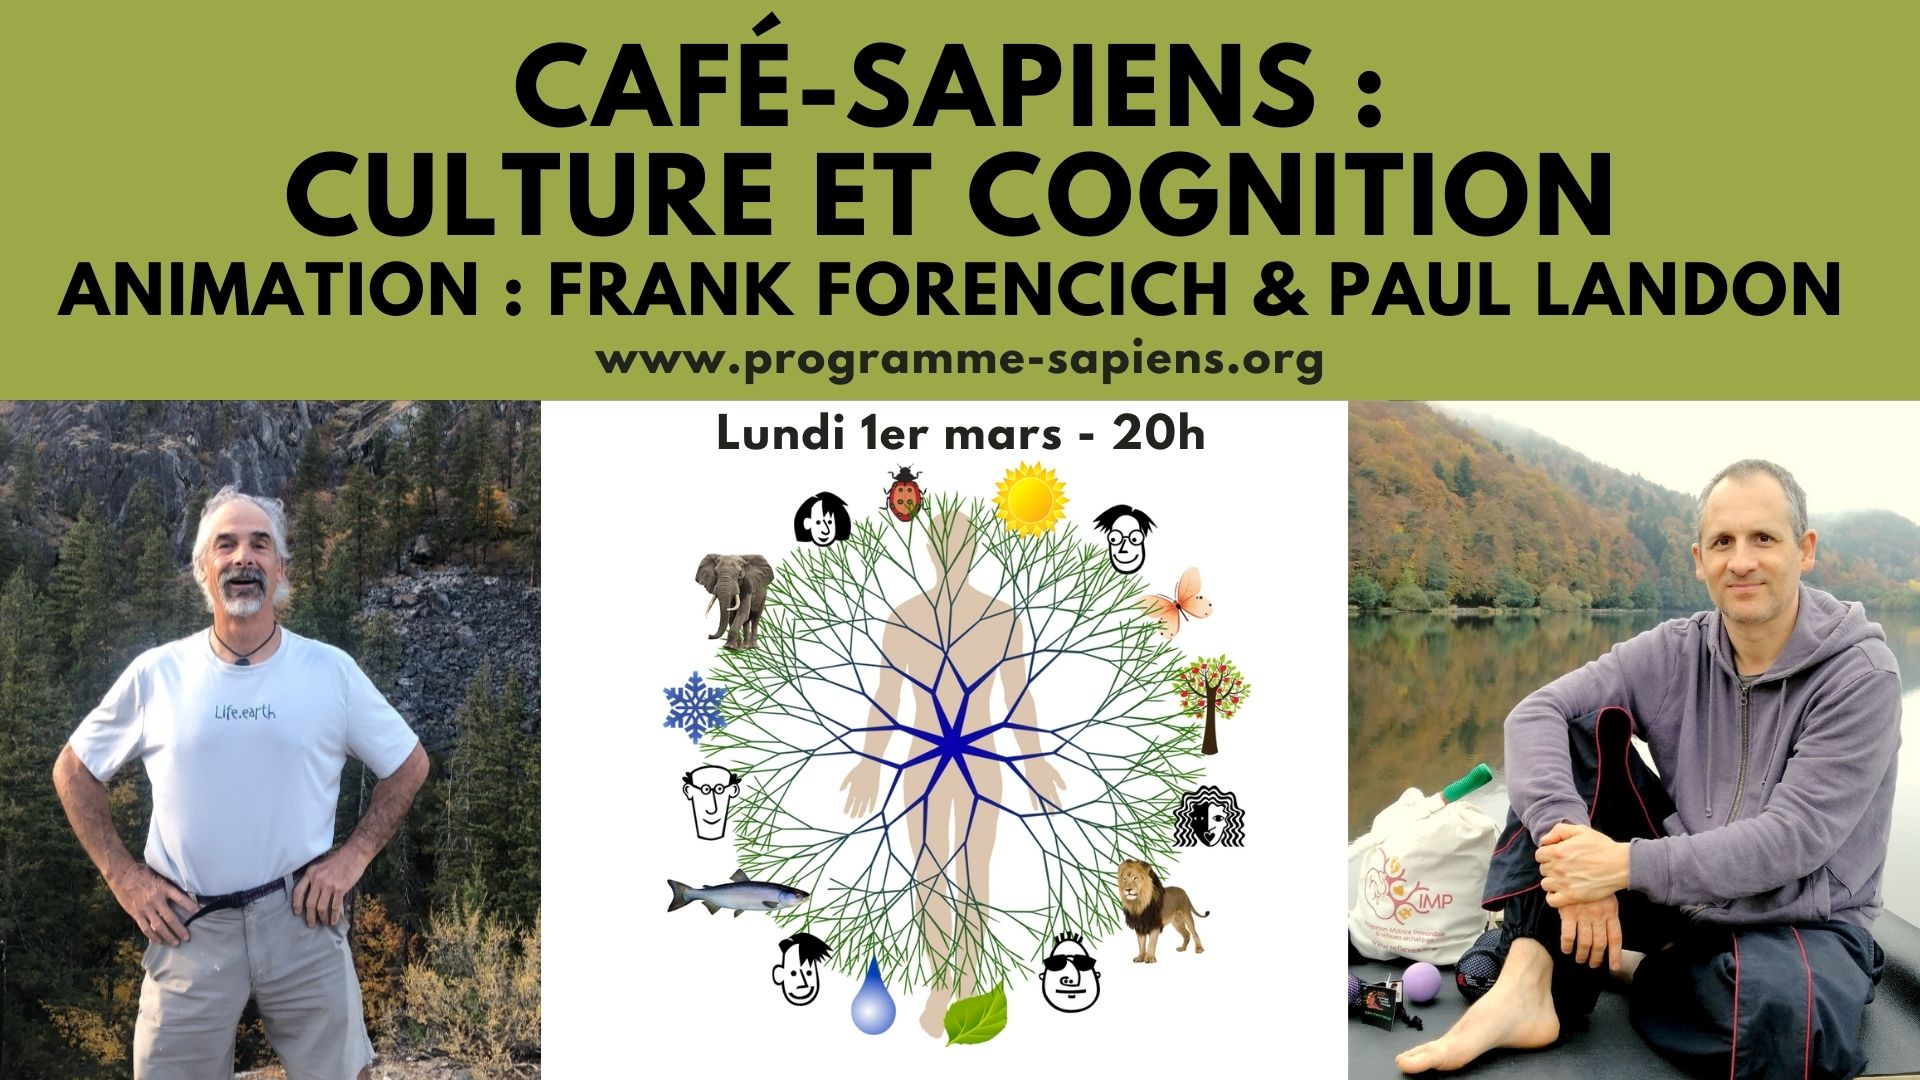 Culture et cognition